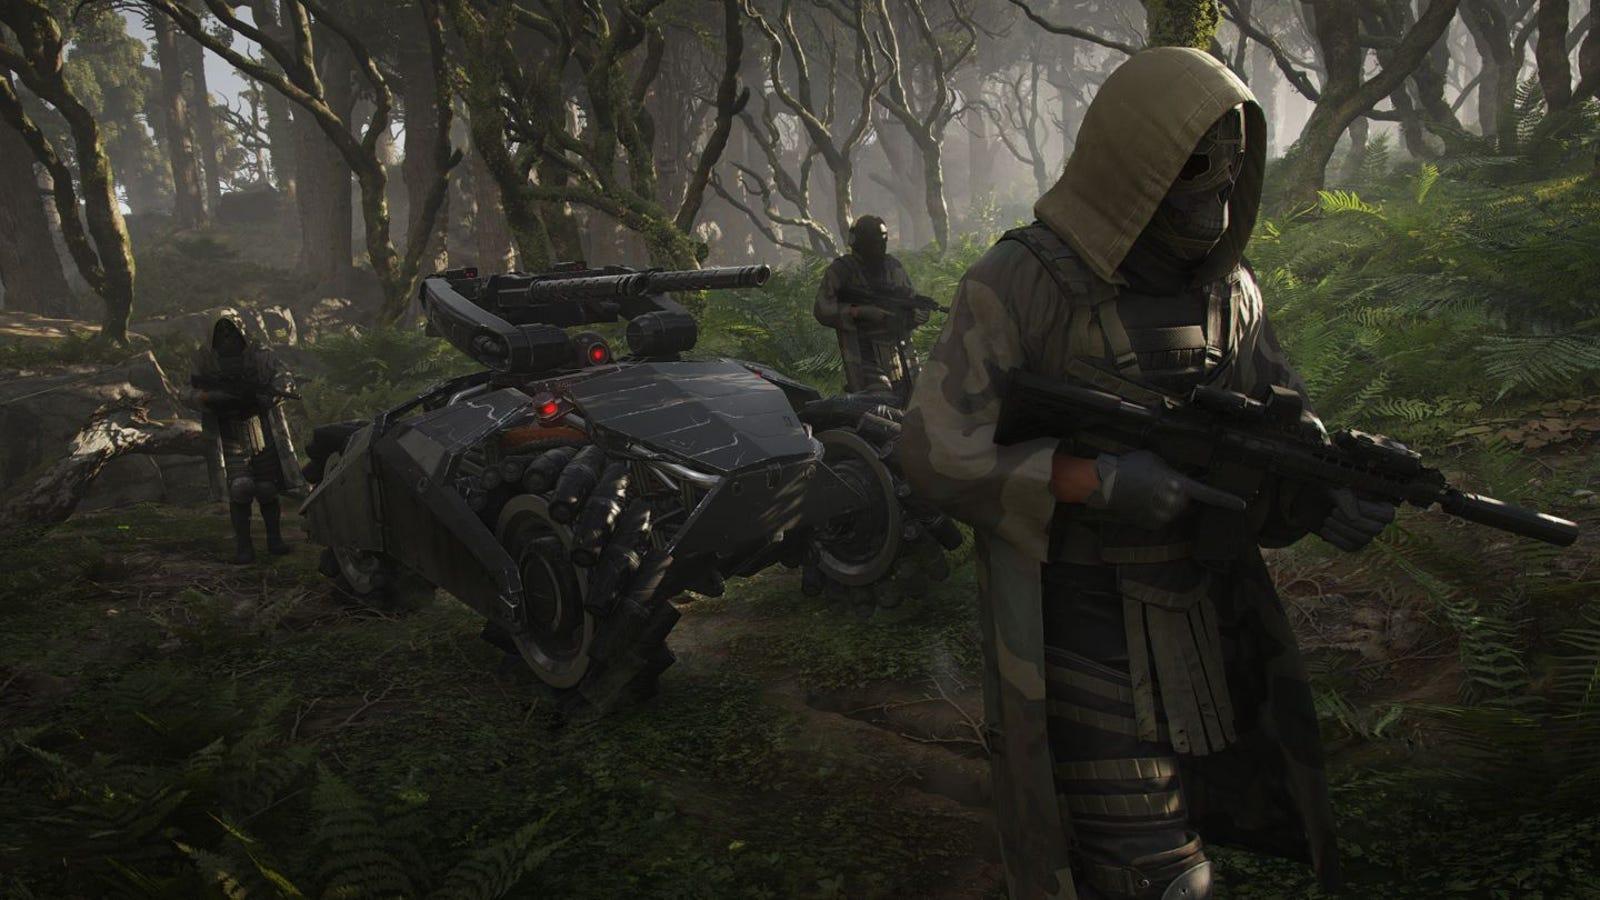 The Week In Games: Beware Of Ghosts